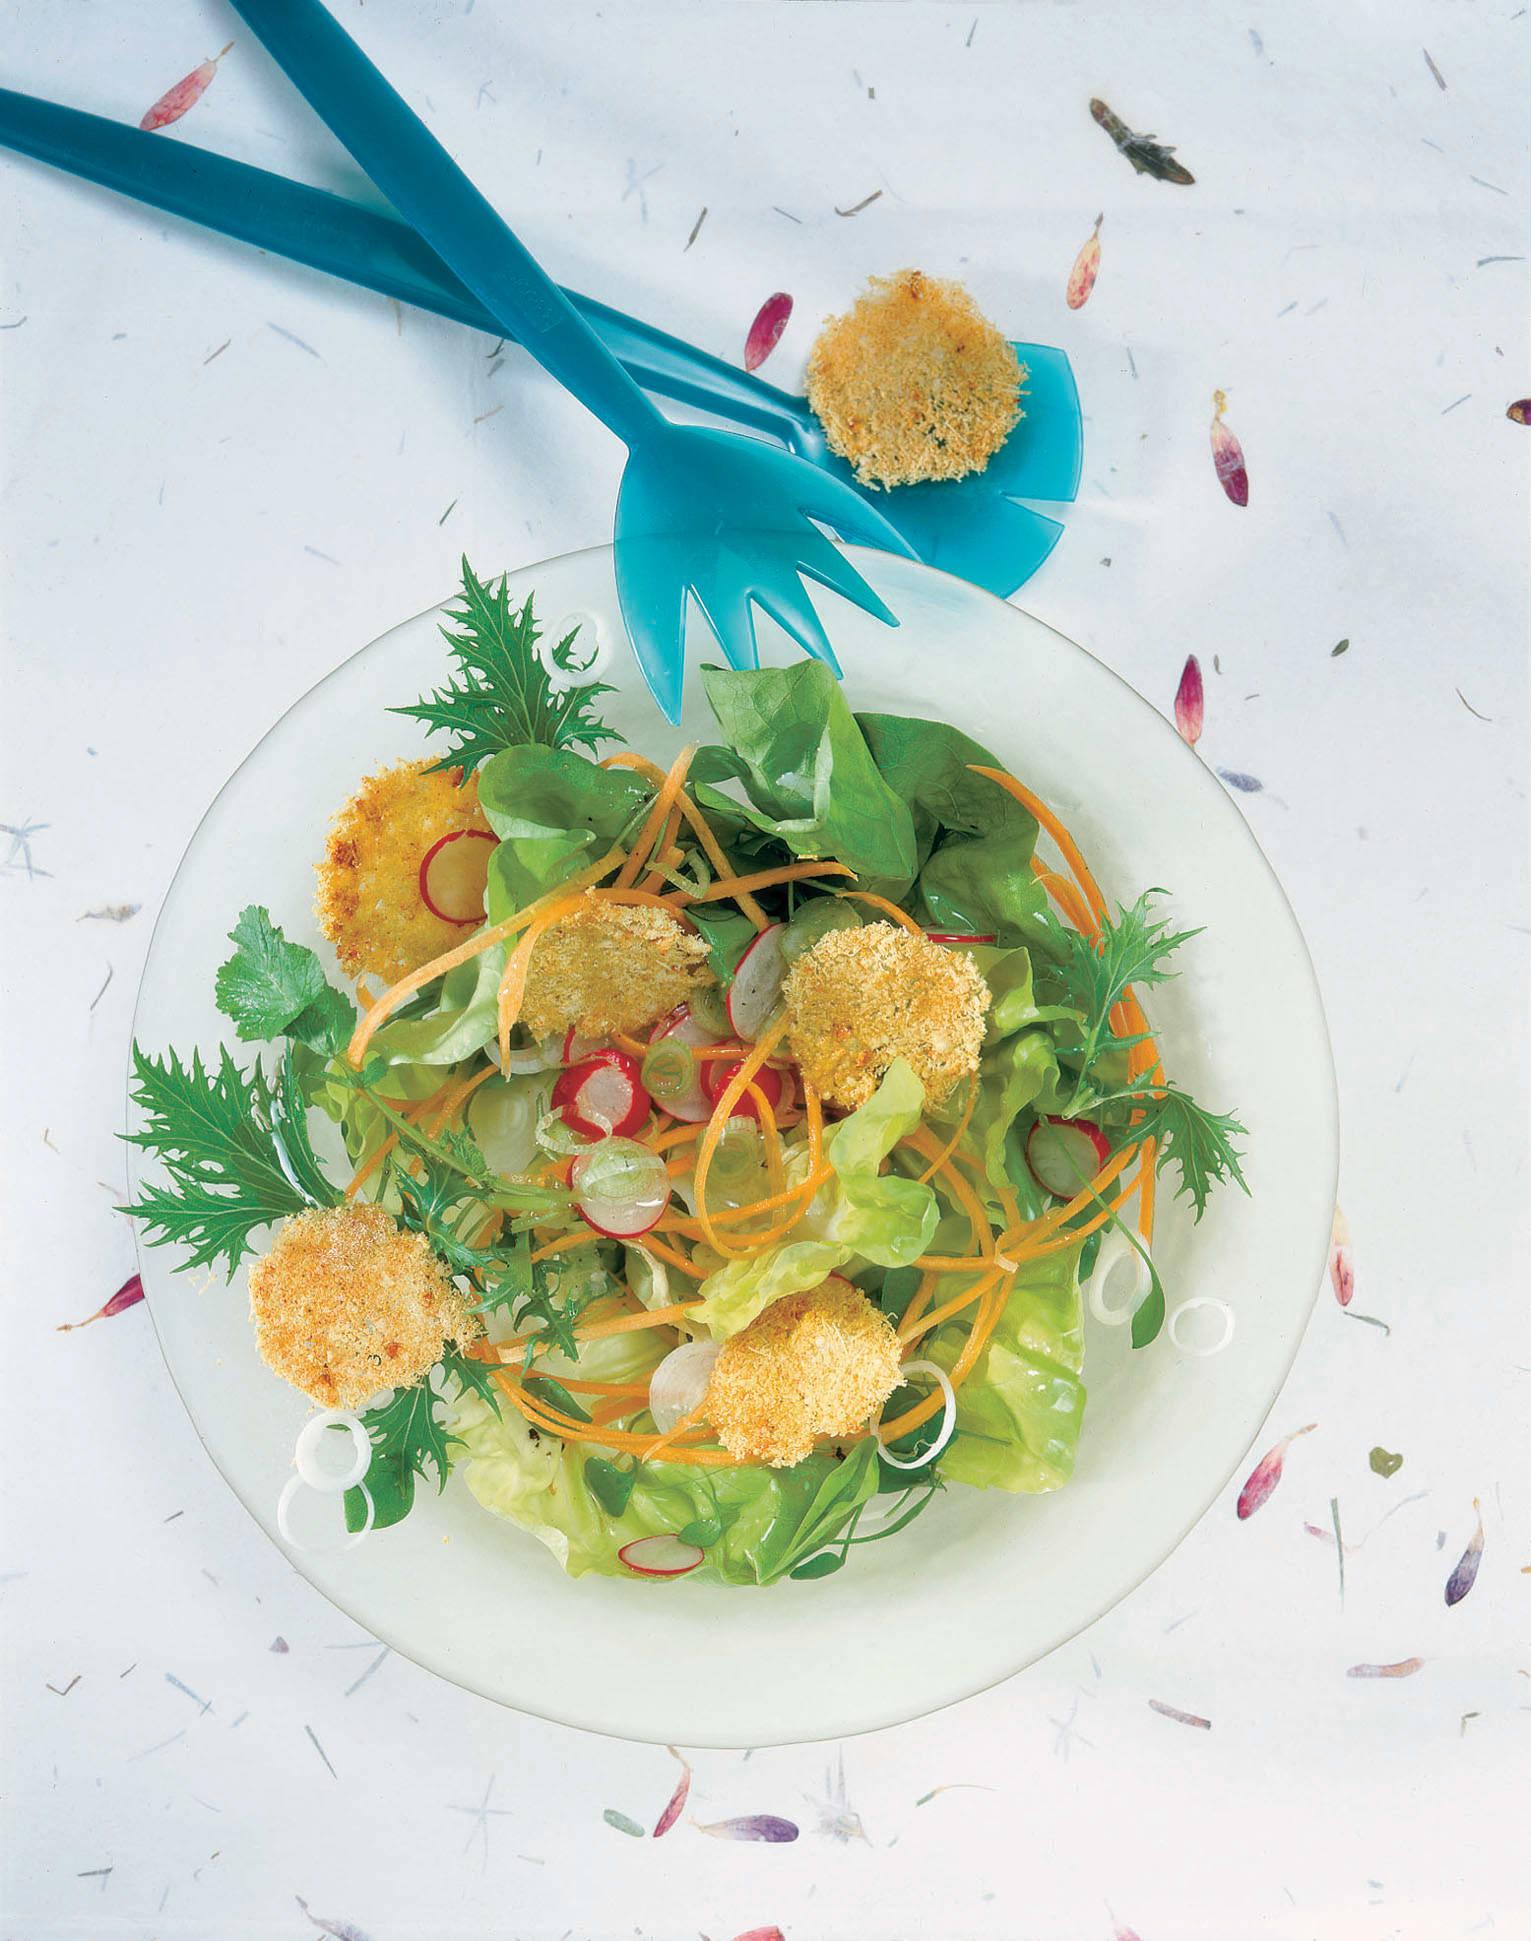 Salade printanière et ses croquants au fromage